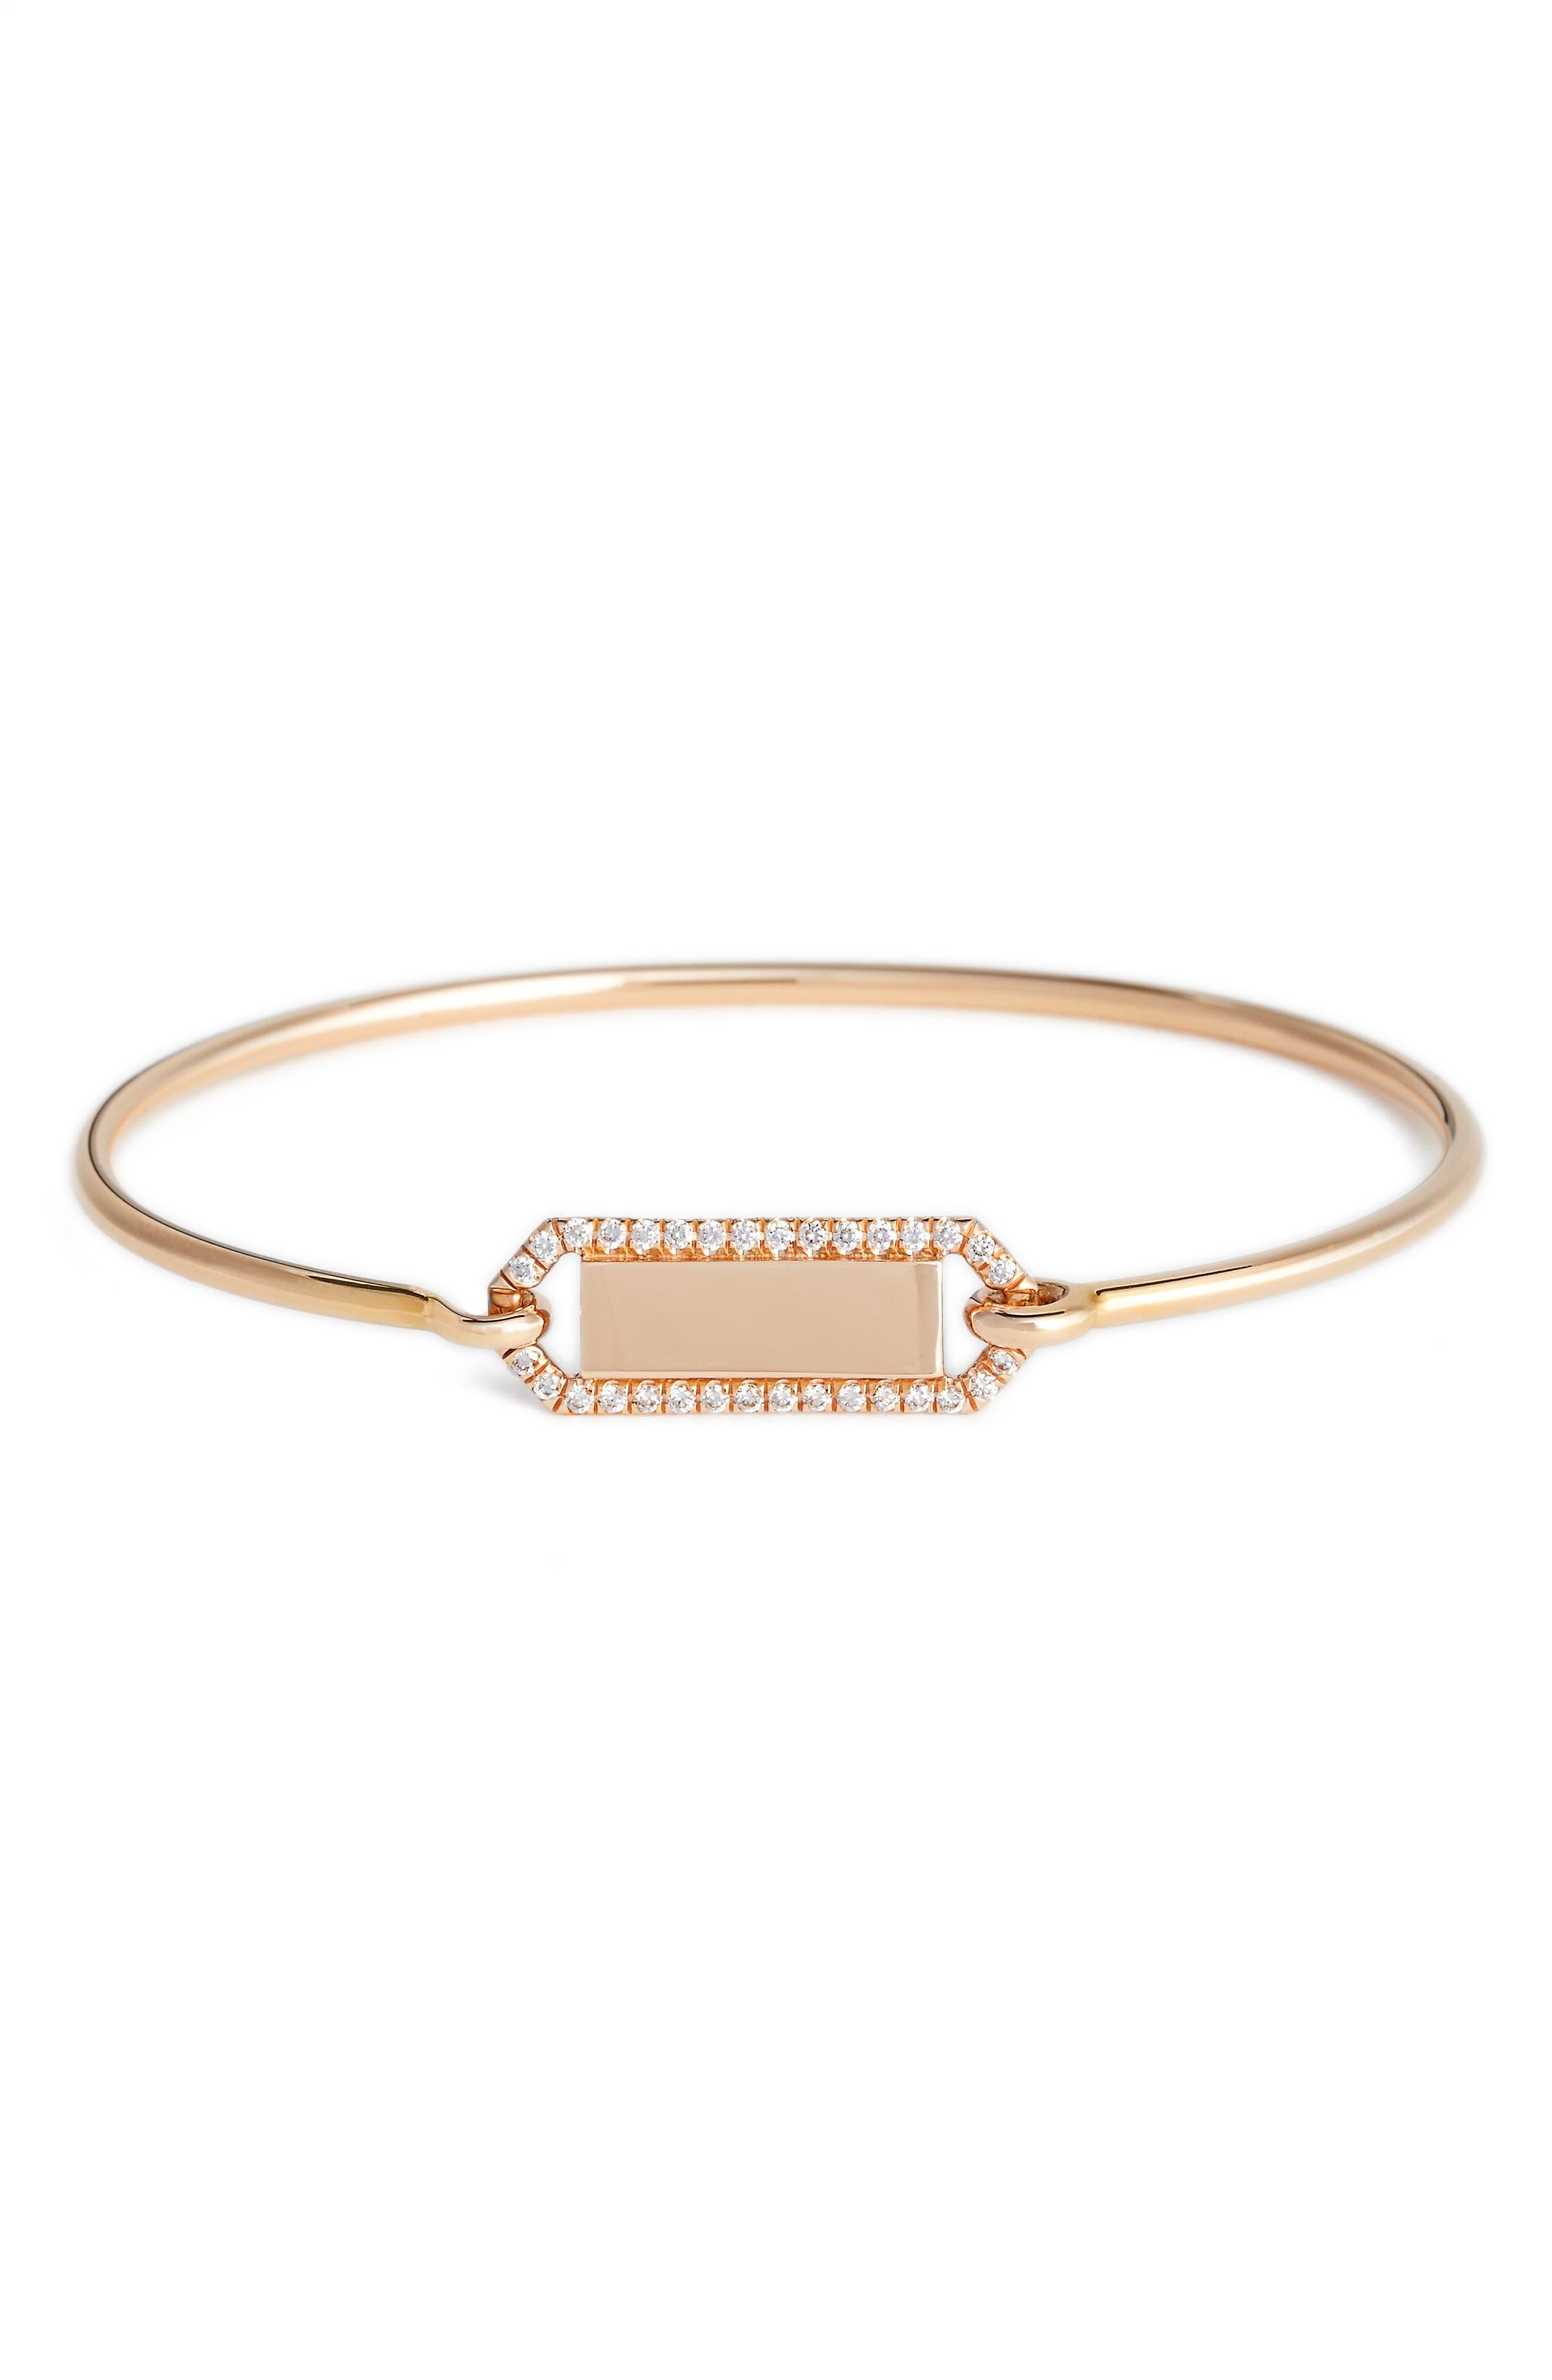 Jemma Wynne Personalized Diamond & Rose Gold Bangle